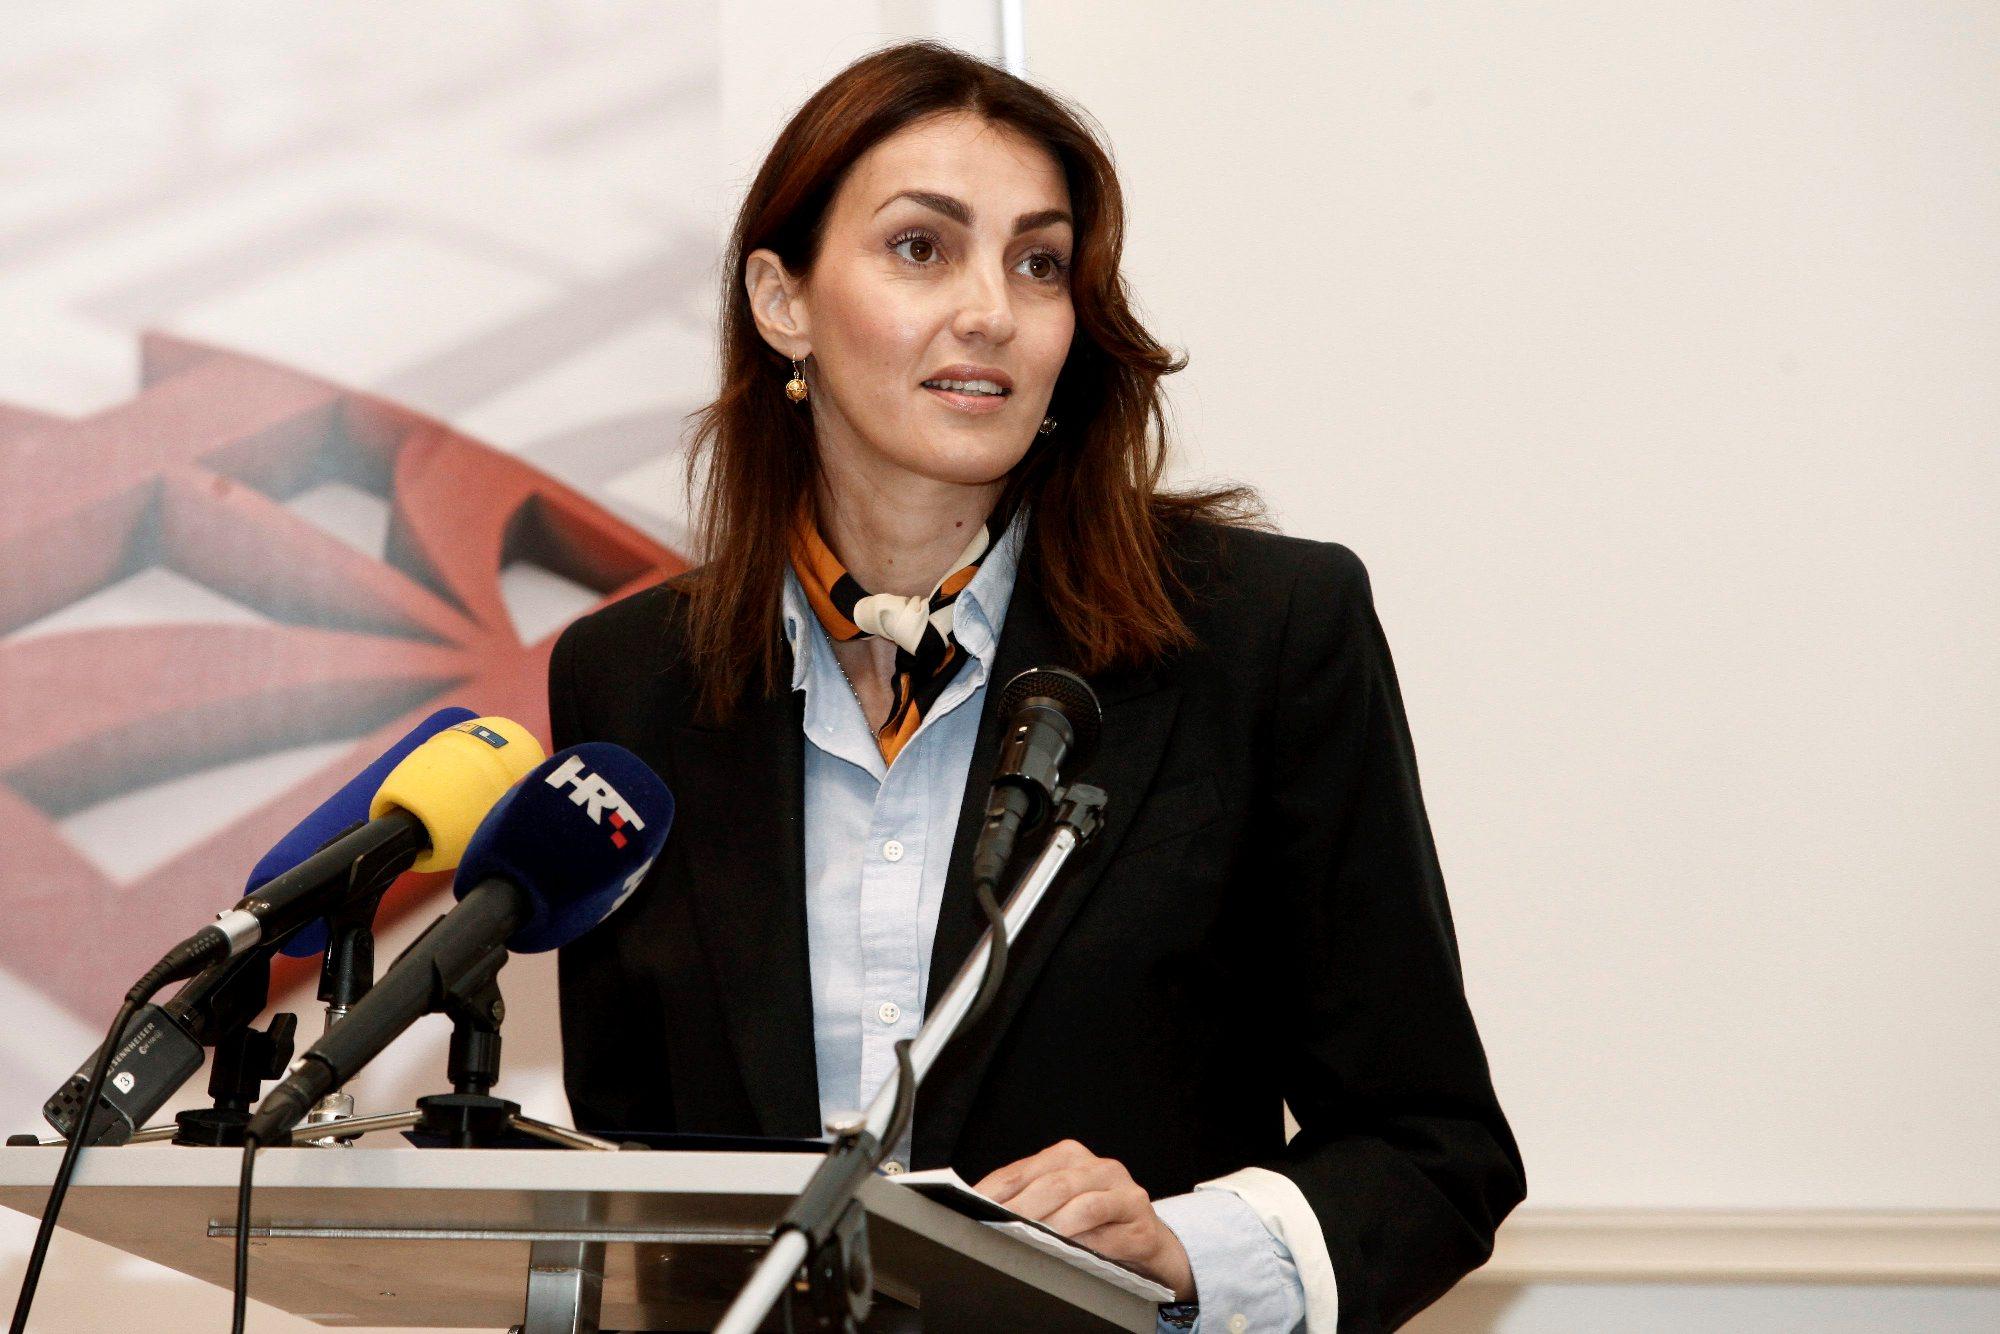 Sanja Putica